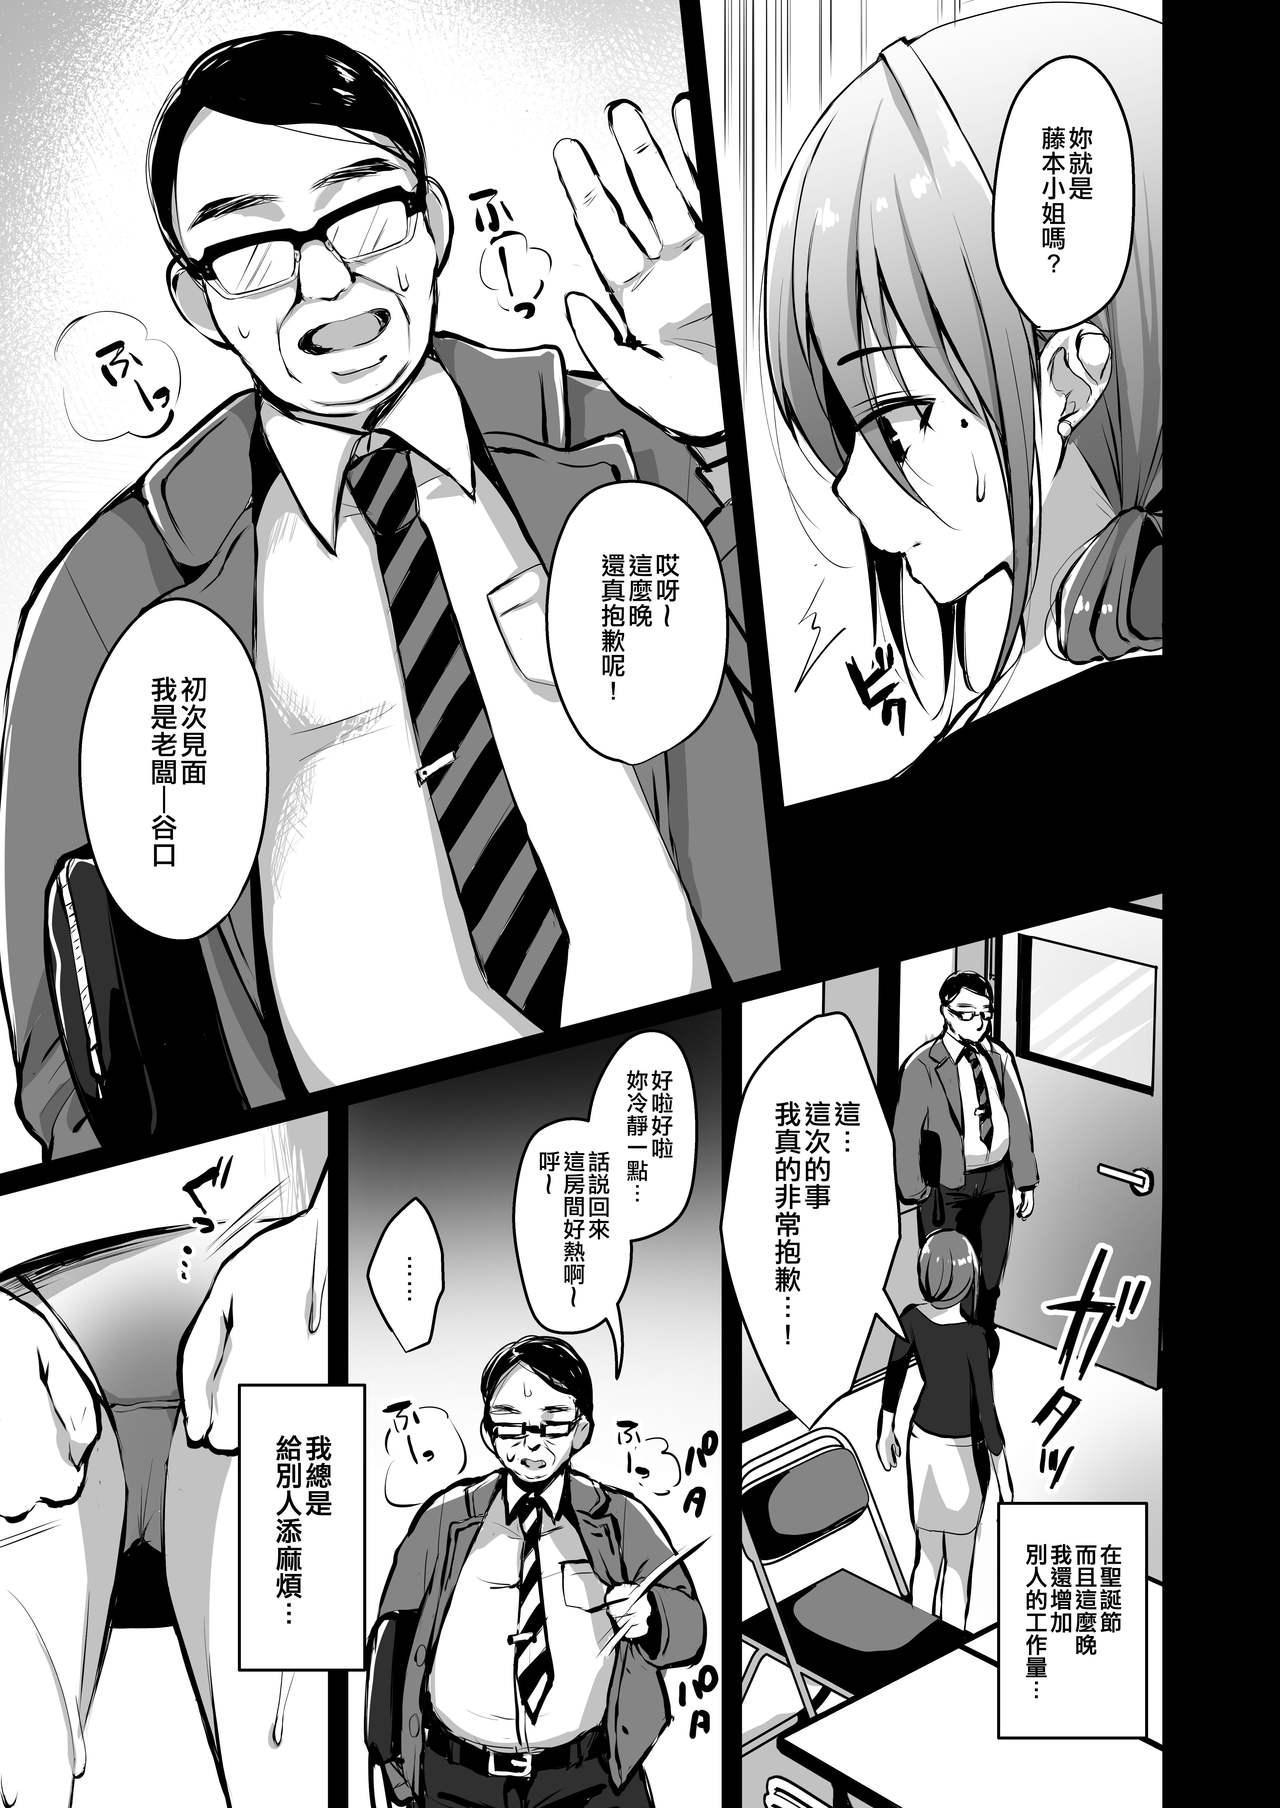 Himitsu 2 3